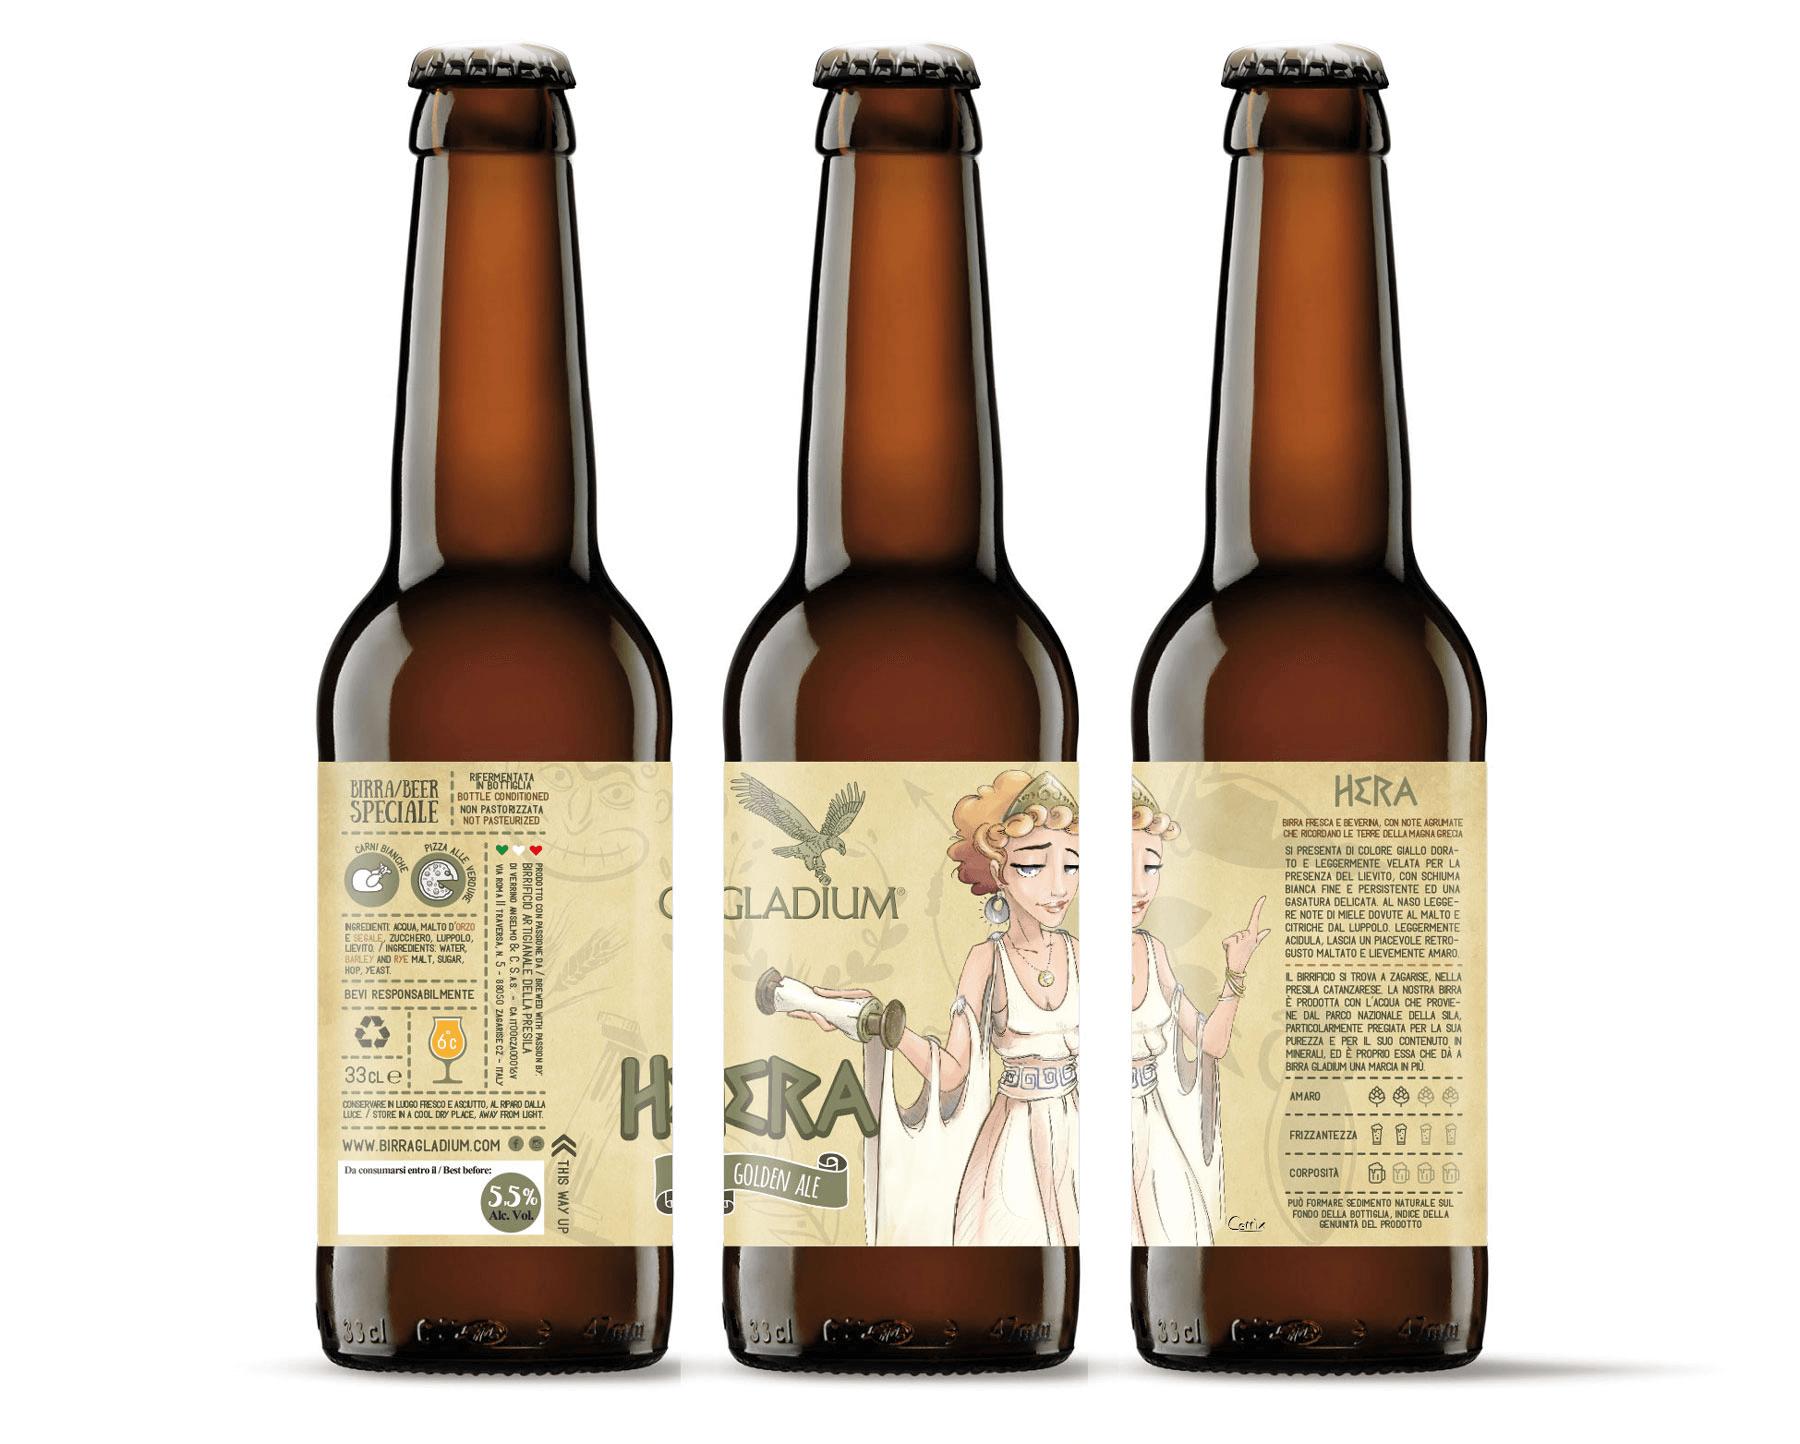 Studio La Regina - Birra Gladium 33 cl hera